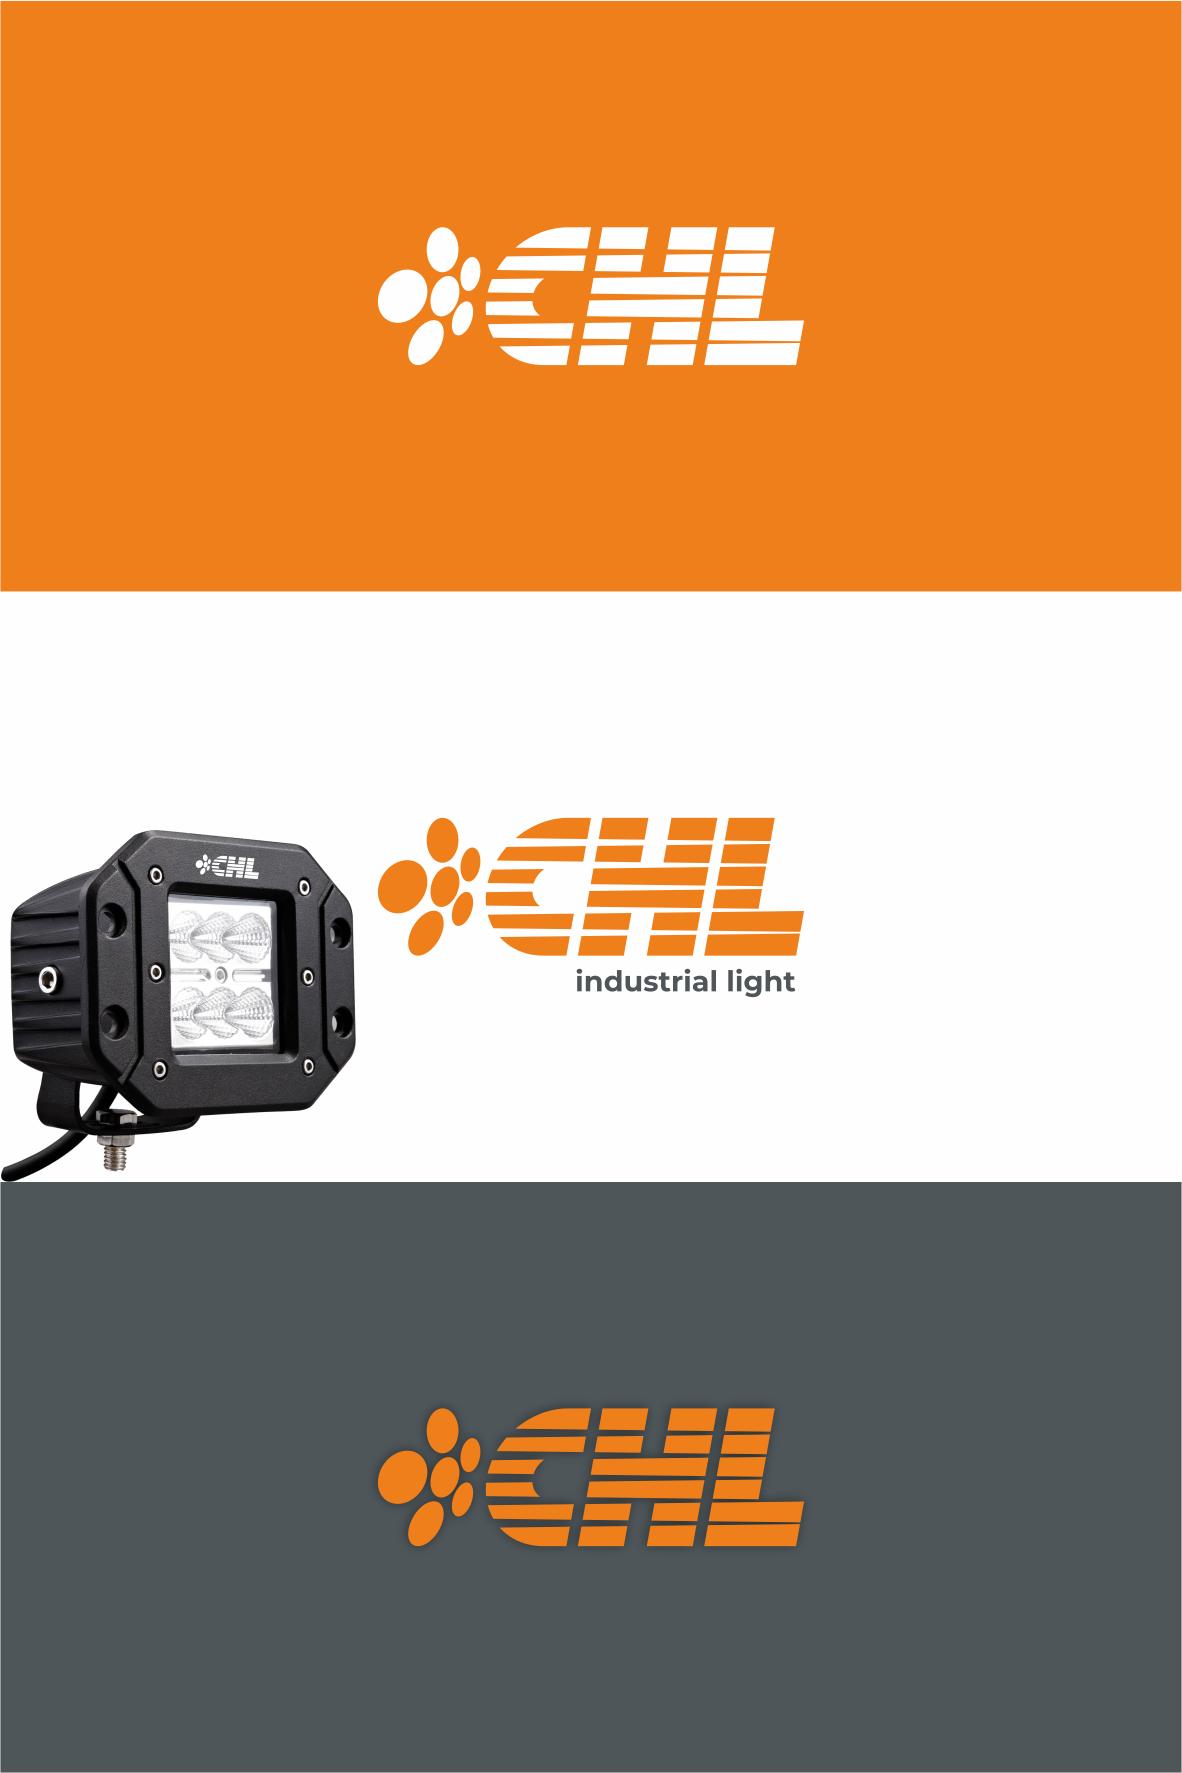 разработка логотипа для производителя фар фото f_7345f5f508ec1e6c.png